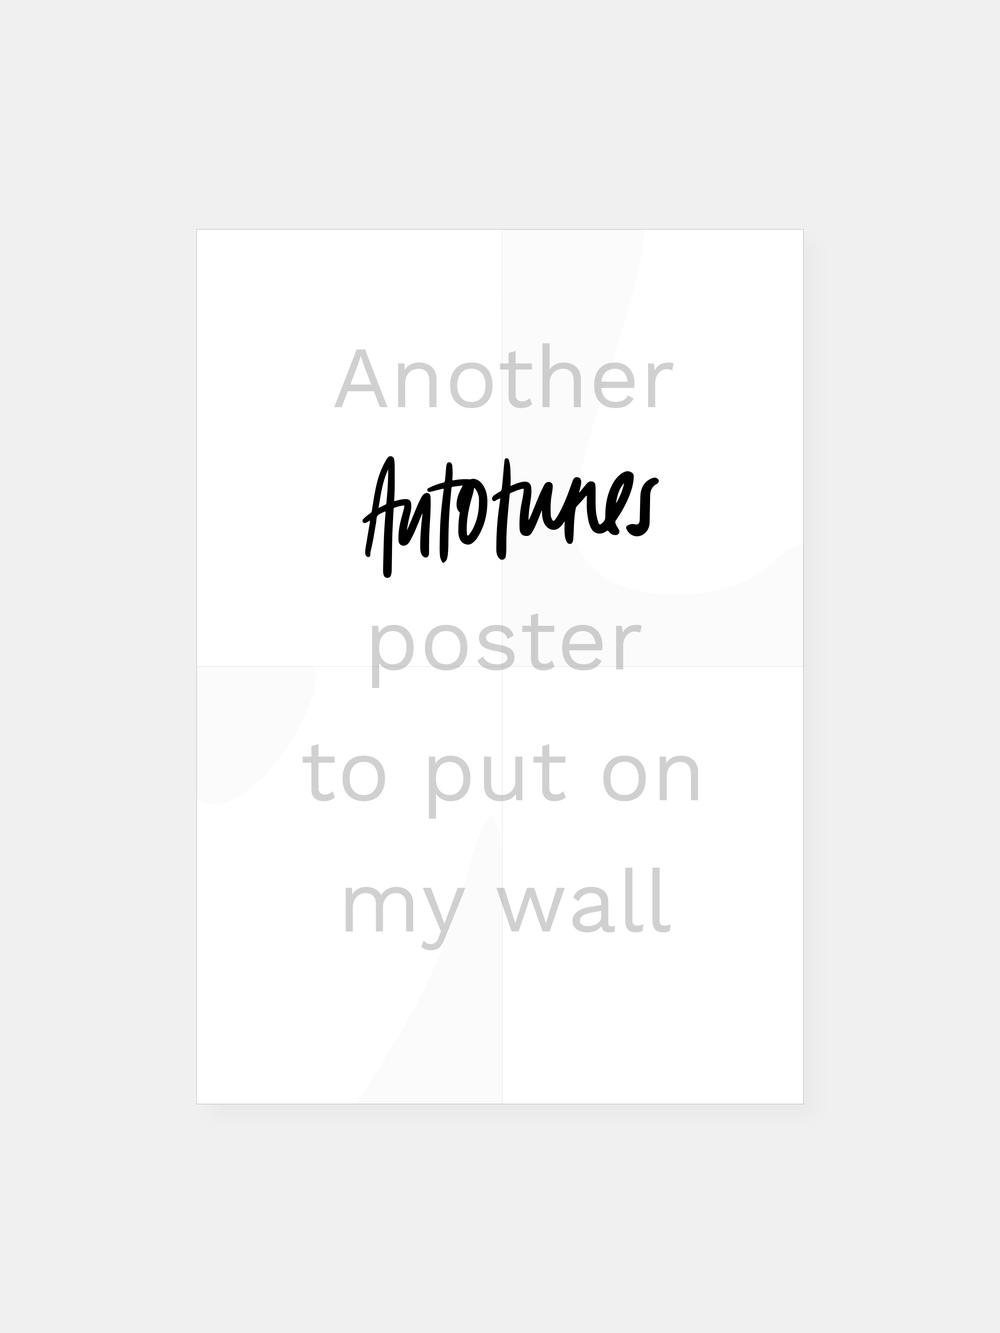 merch-poster-another.jpg